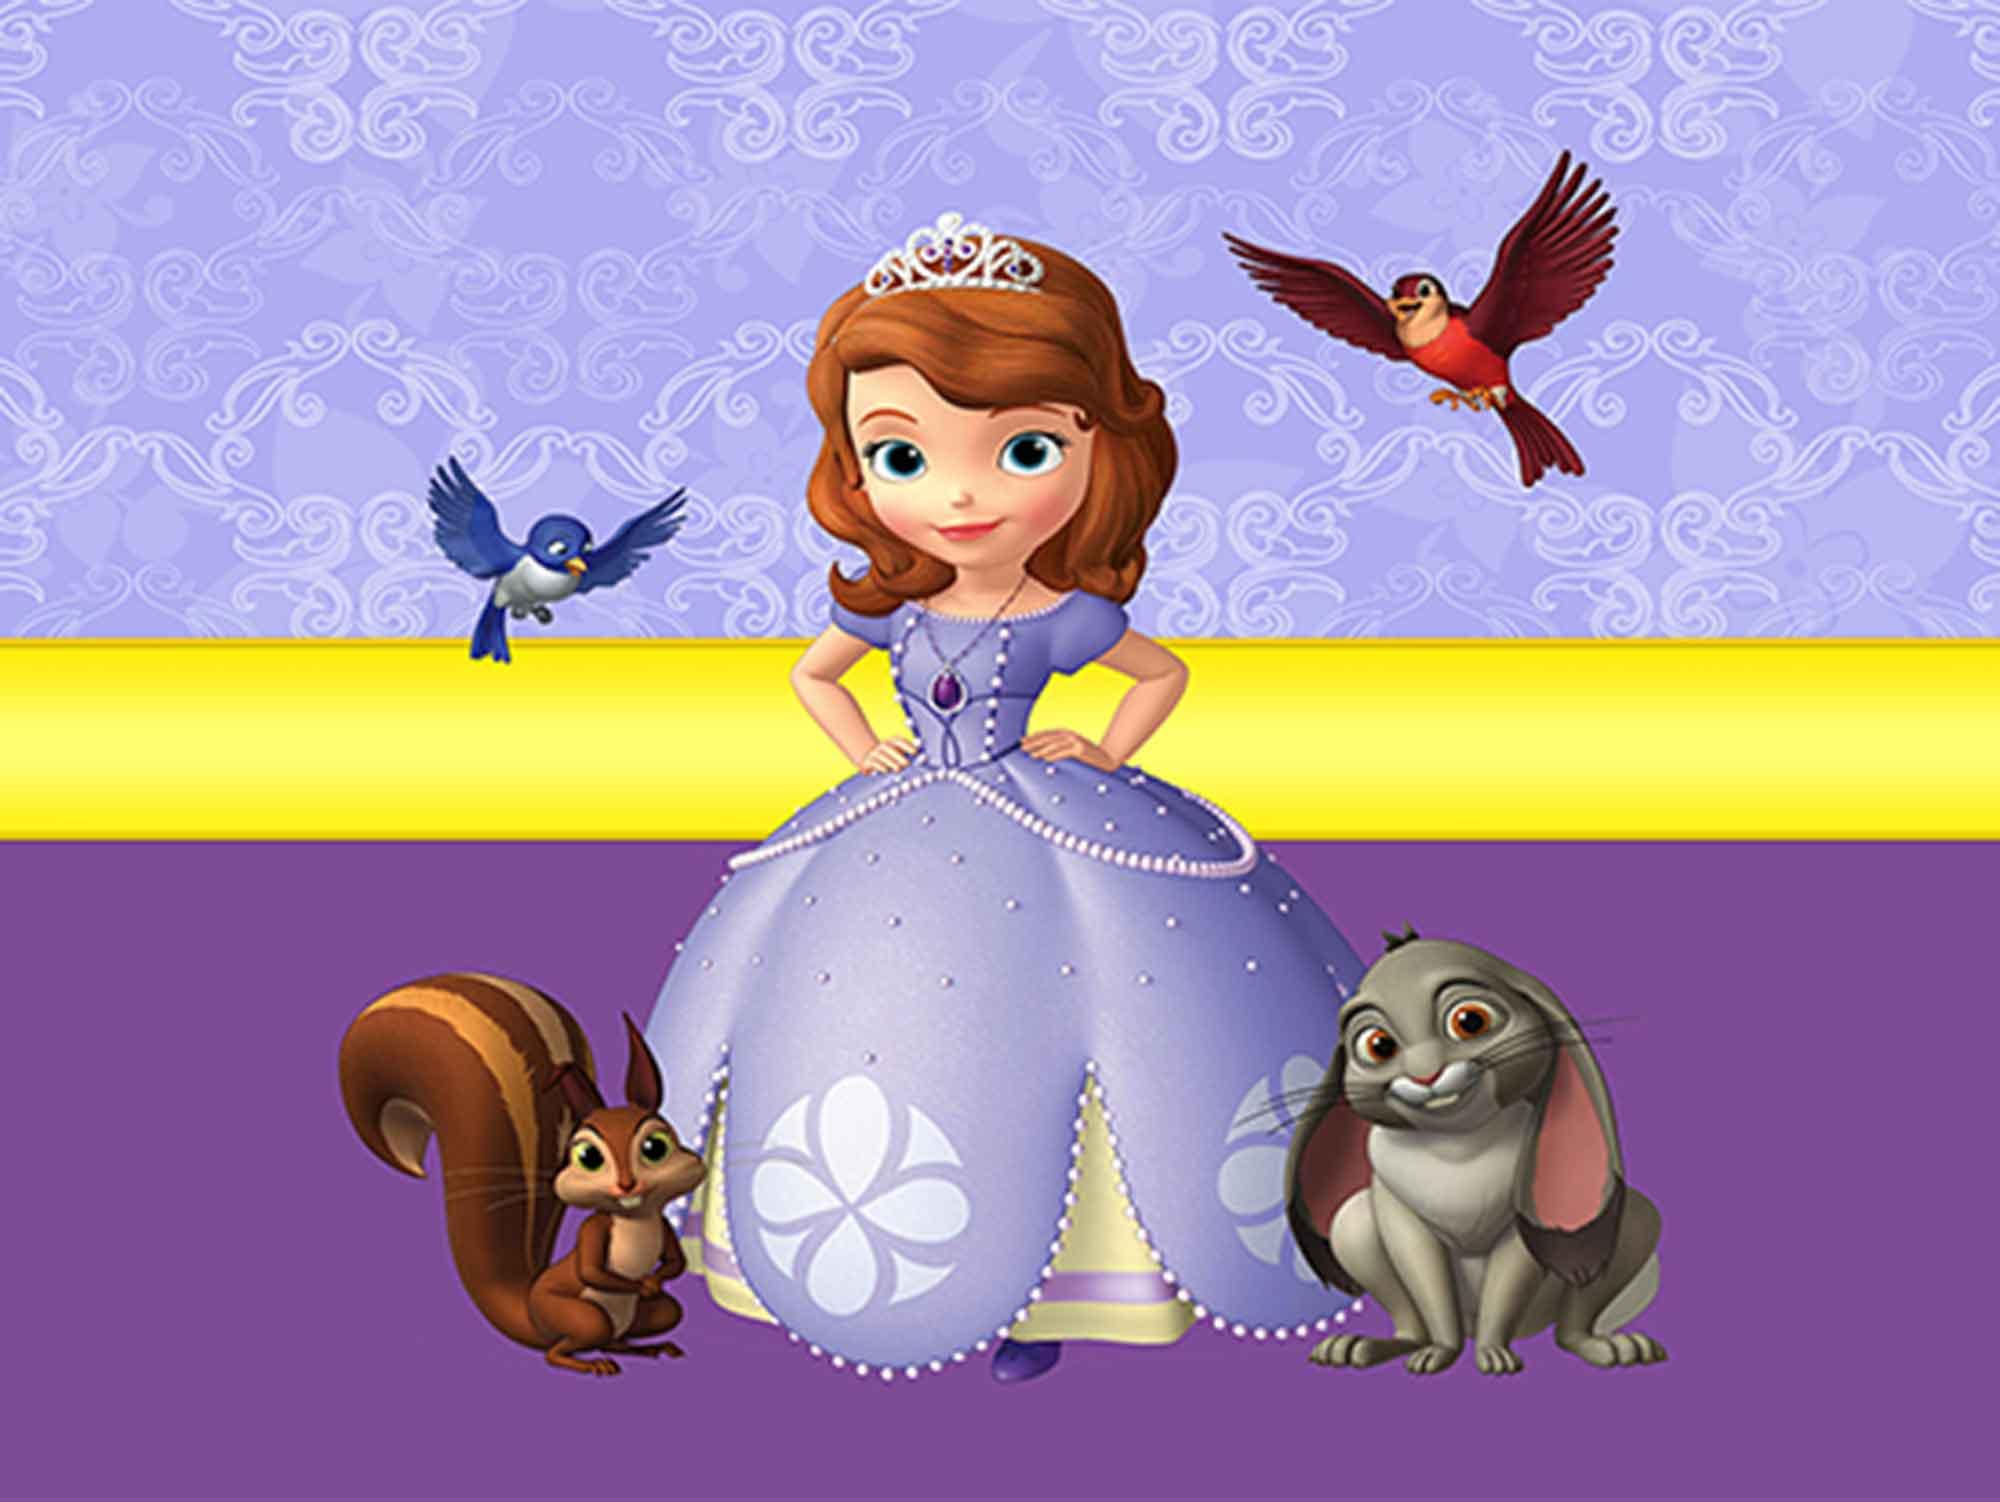 Papel de Parede Infantil Princesa Sofia  0004  - Paredes Decoradas